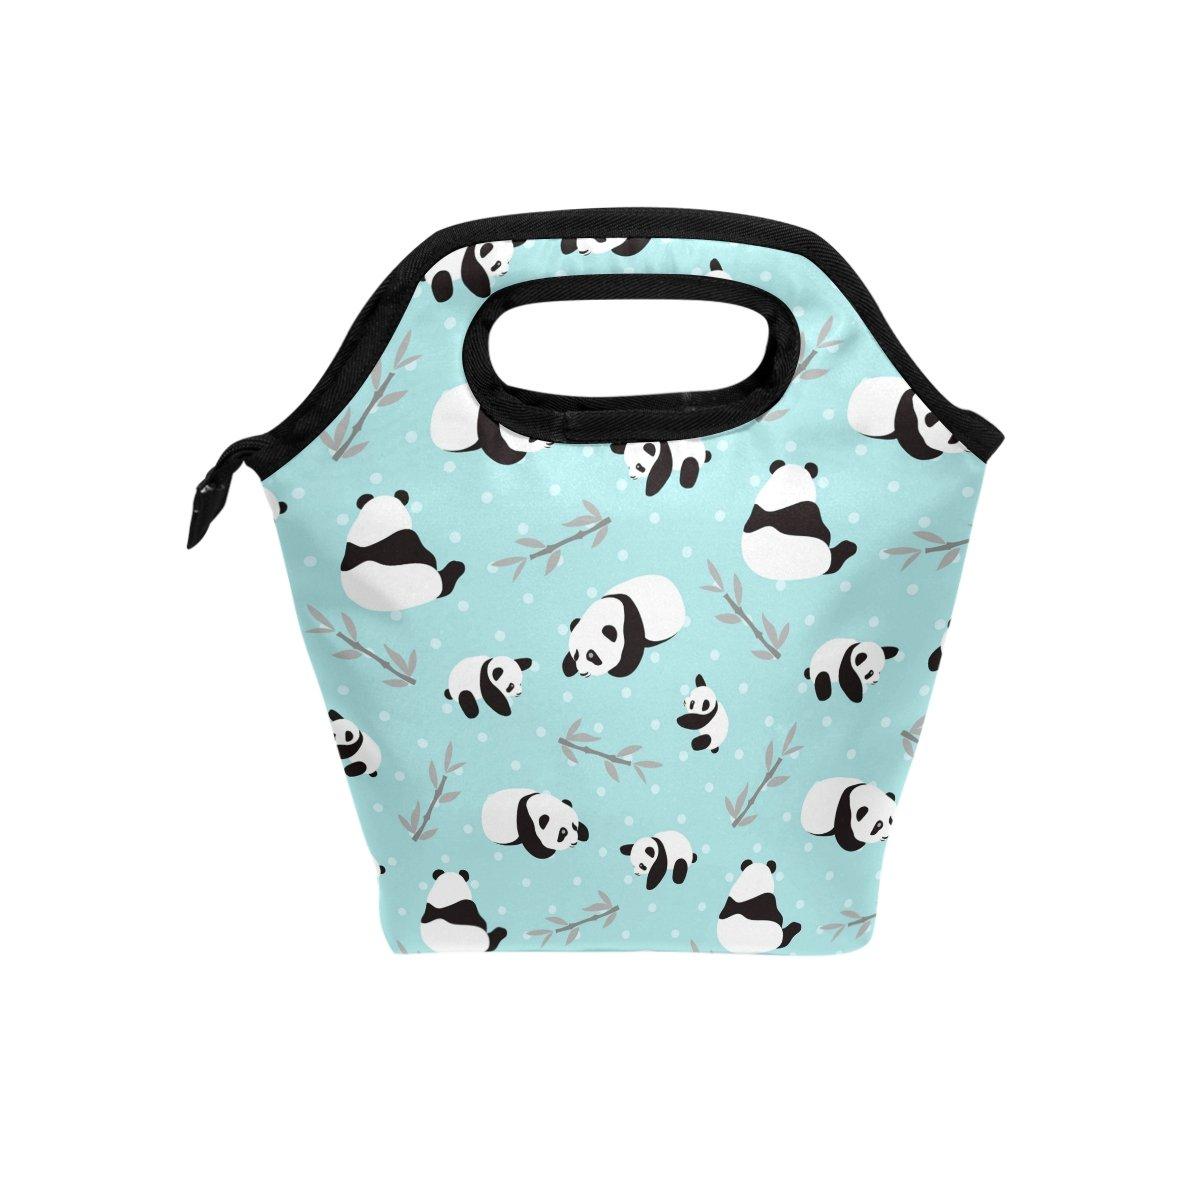 Lunch Tote Bag Blue Panda Bear Neoprene Insulated Cooler Warmer, Portable Funny Lunchbox Handbag for Men Women Adult Kids Boys Girls g5138250p233c268s425